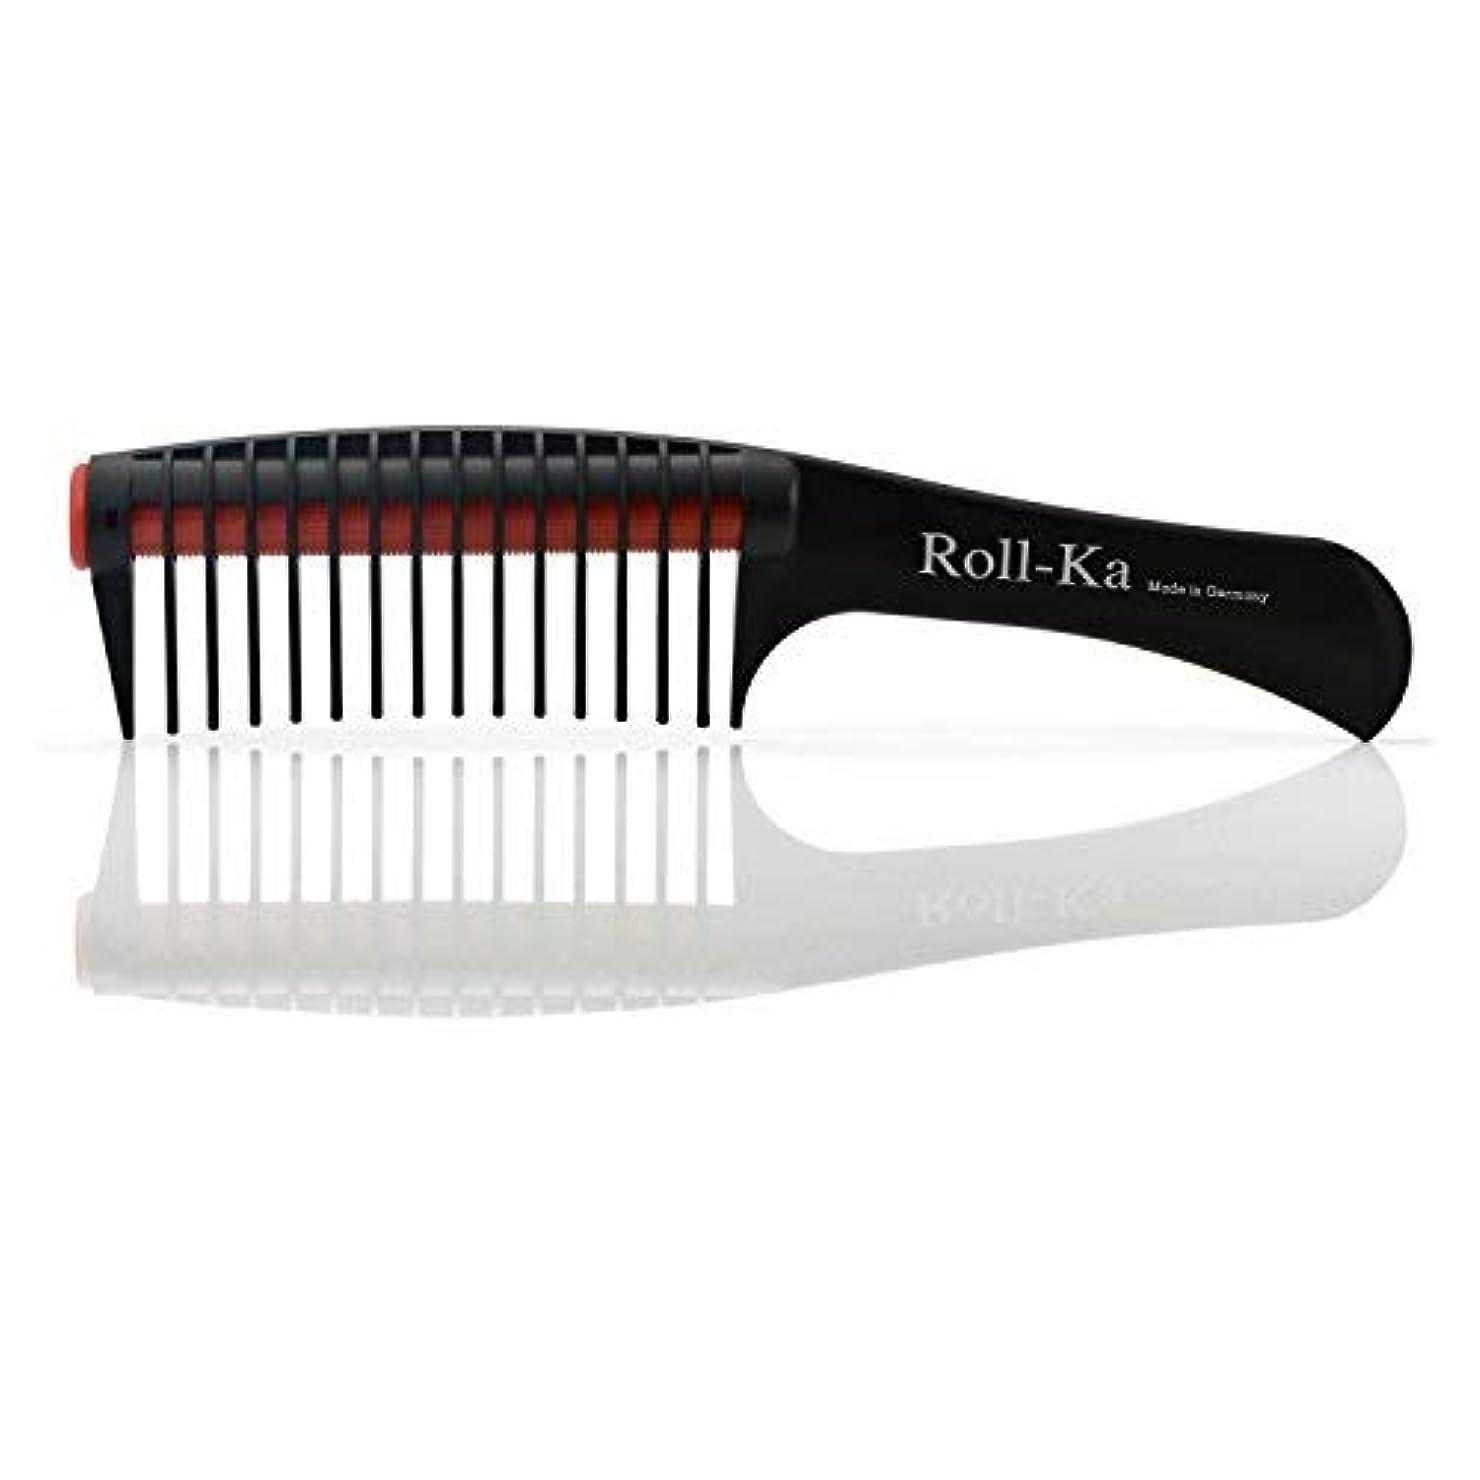 ペンすばらしいです父方のTriumph Technic Roll-Ka Anti Splicing Hair Comb 9